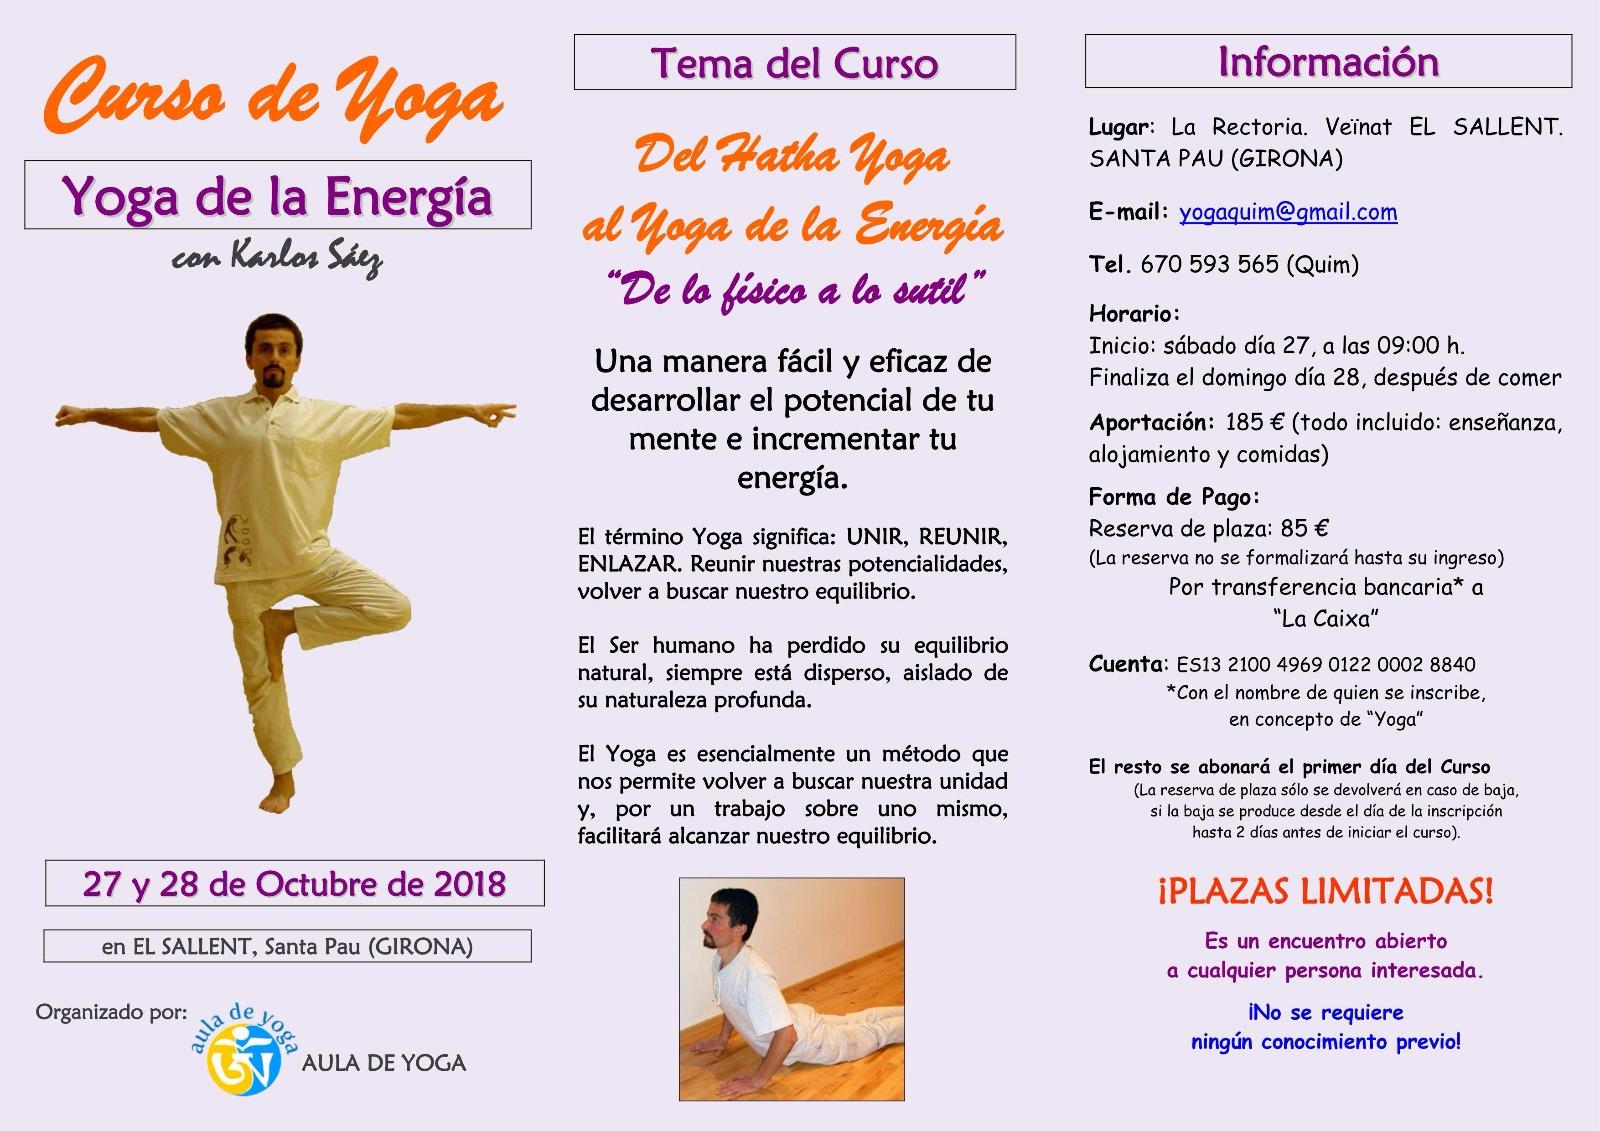 Yoga de la Energía - El Sallent - @ La Rectoría